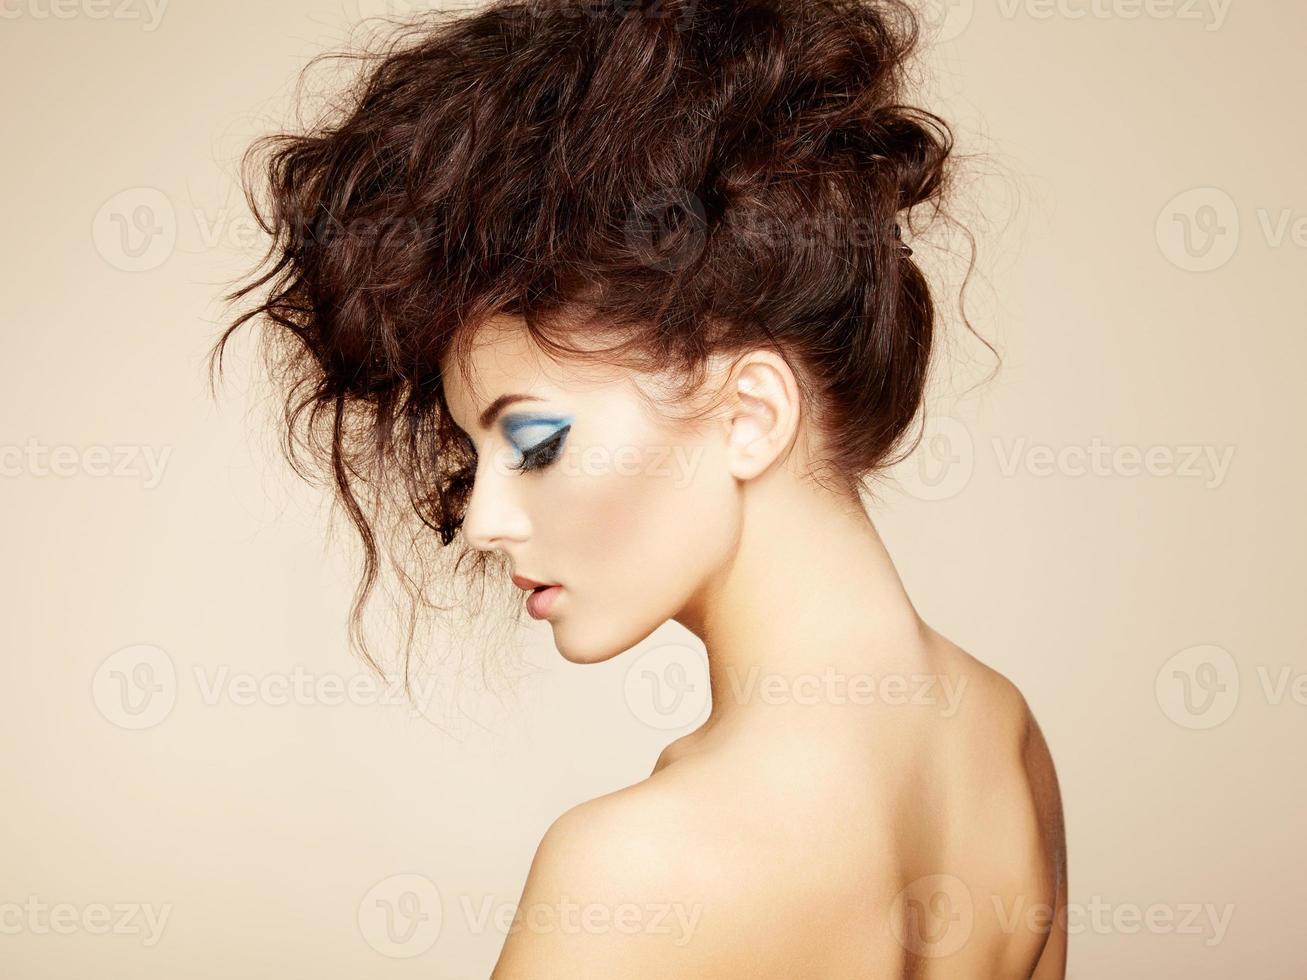 ritratto di bella donna sensuale con acconciatura elegante. per foto